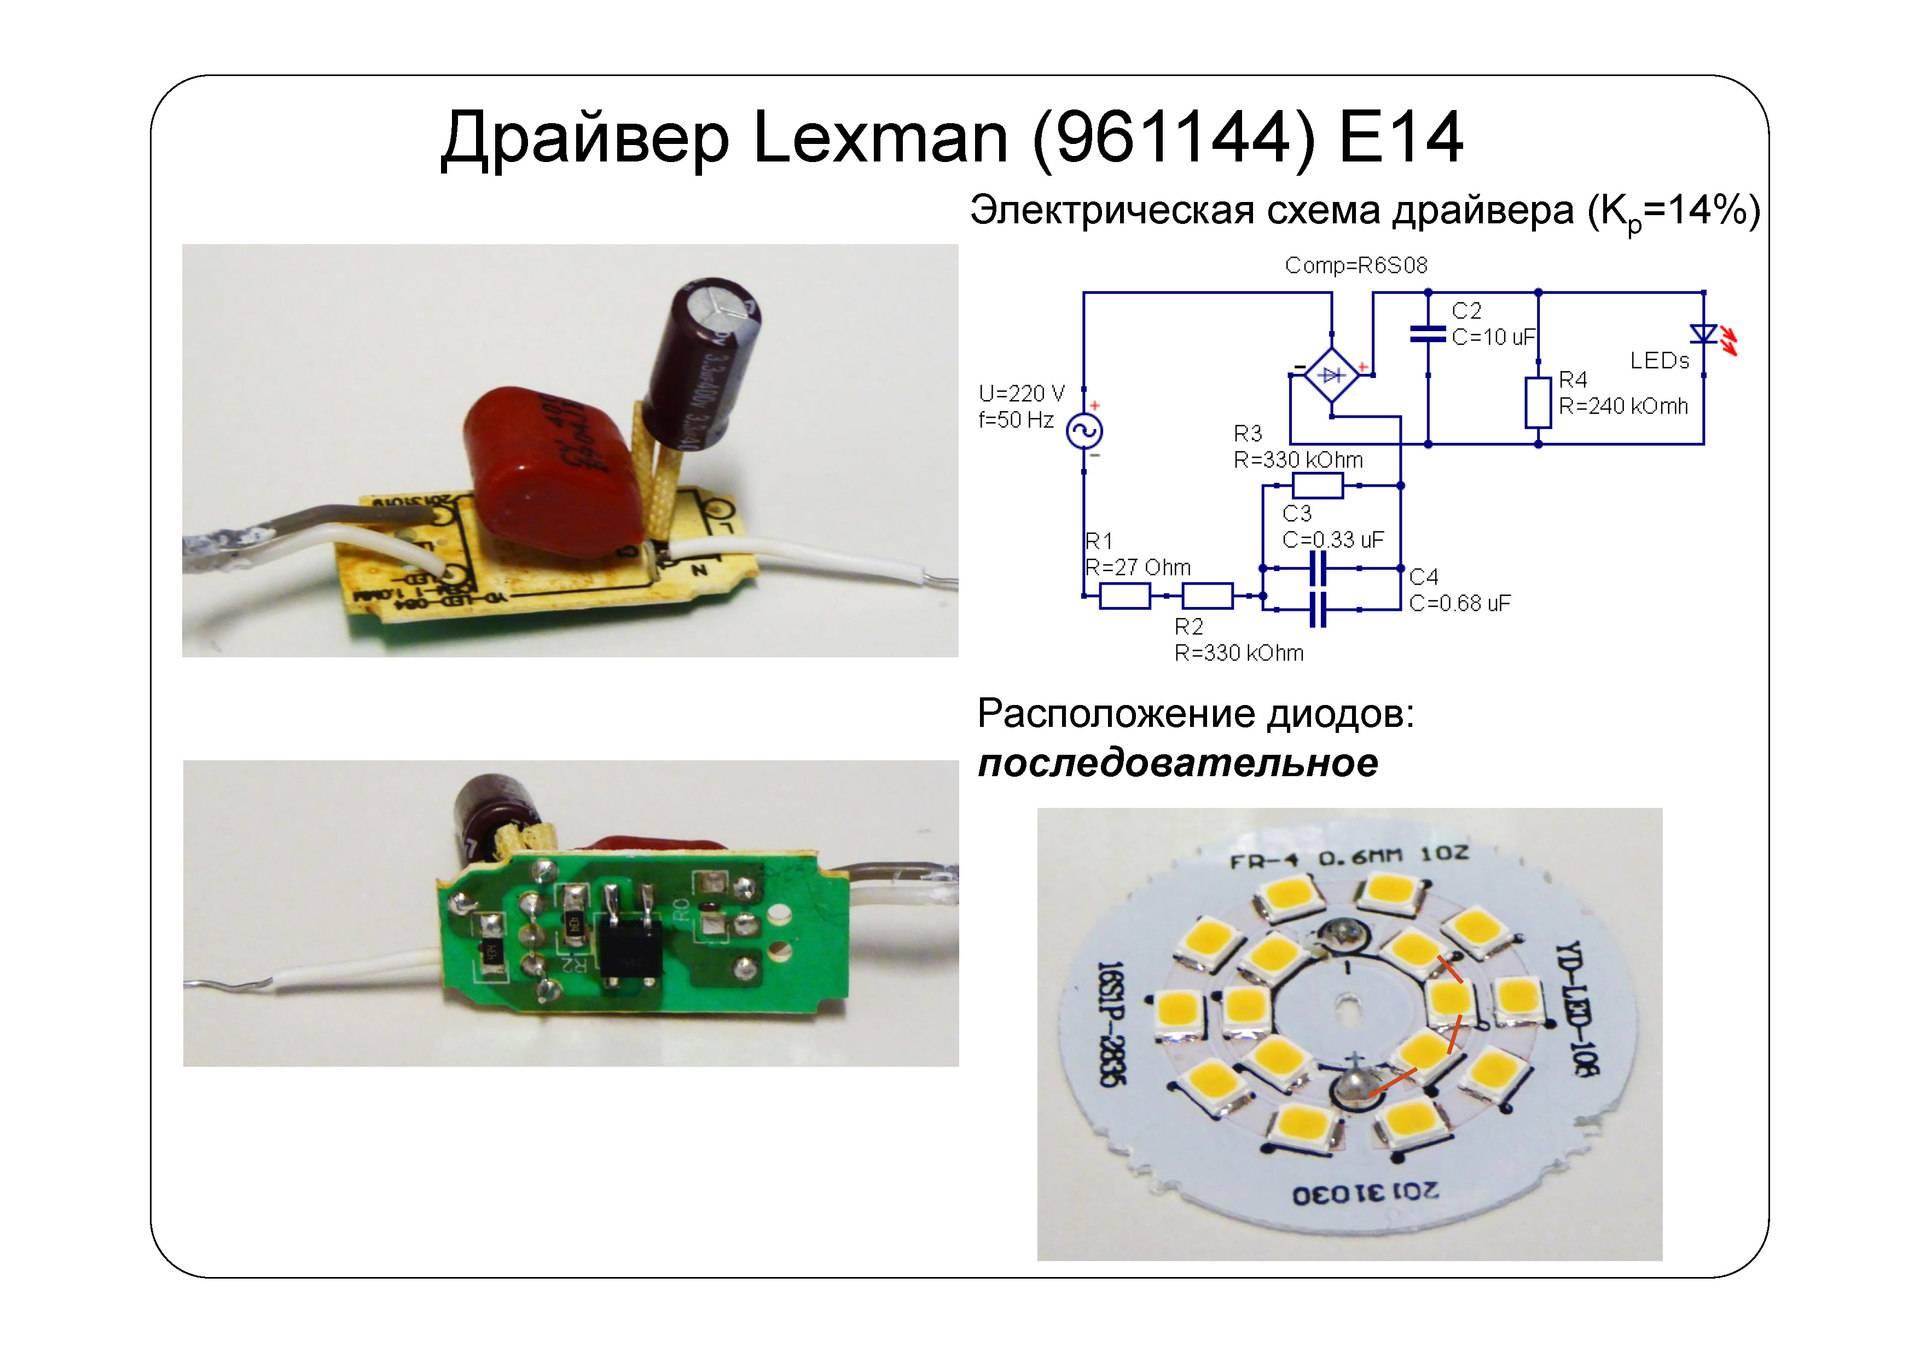 Как проверить светодиод 2835